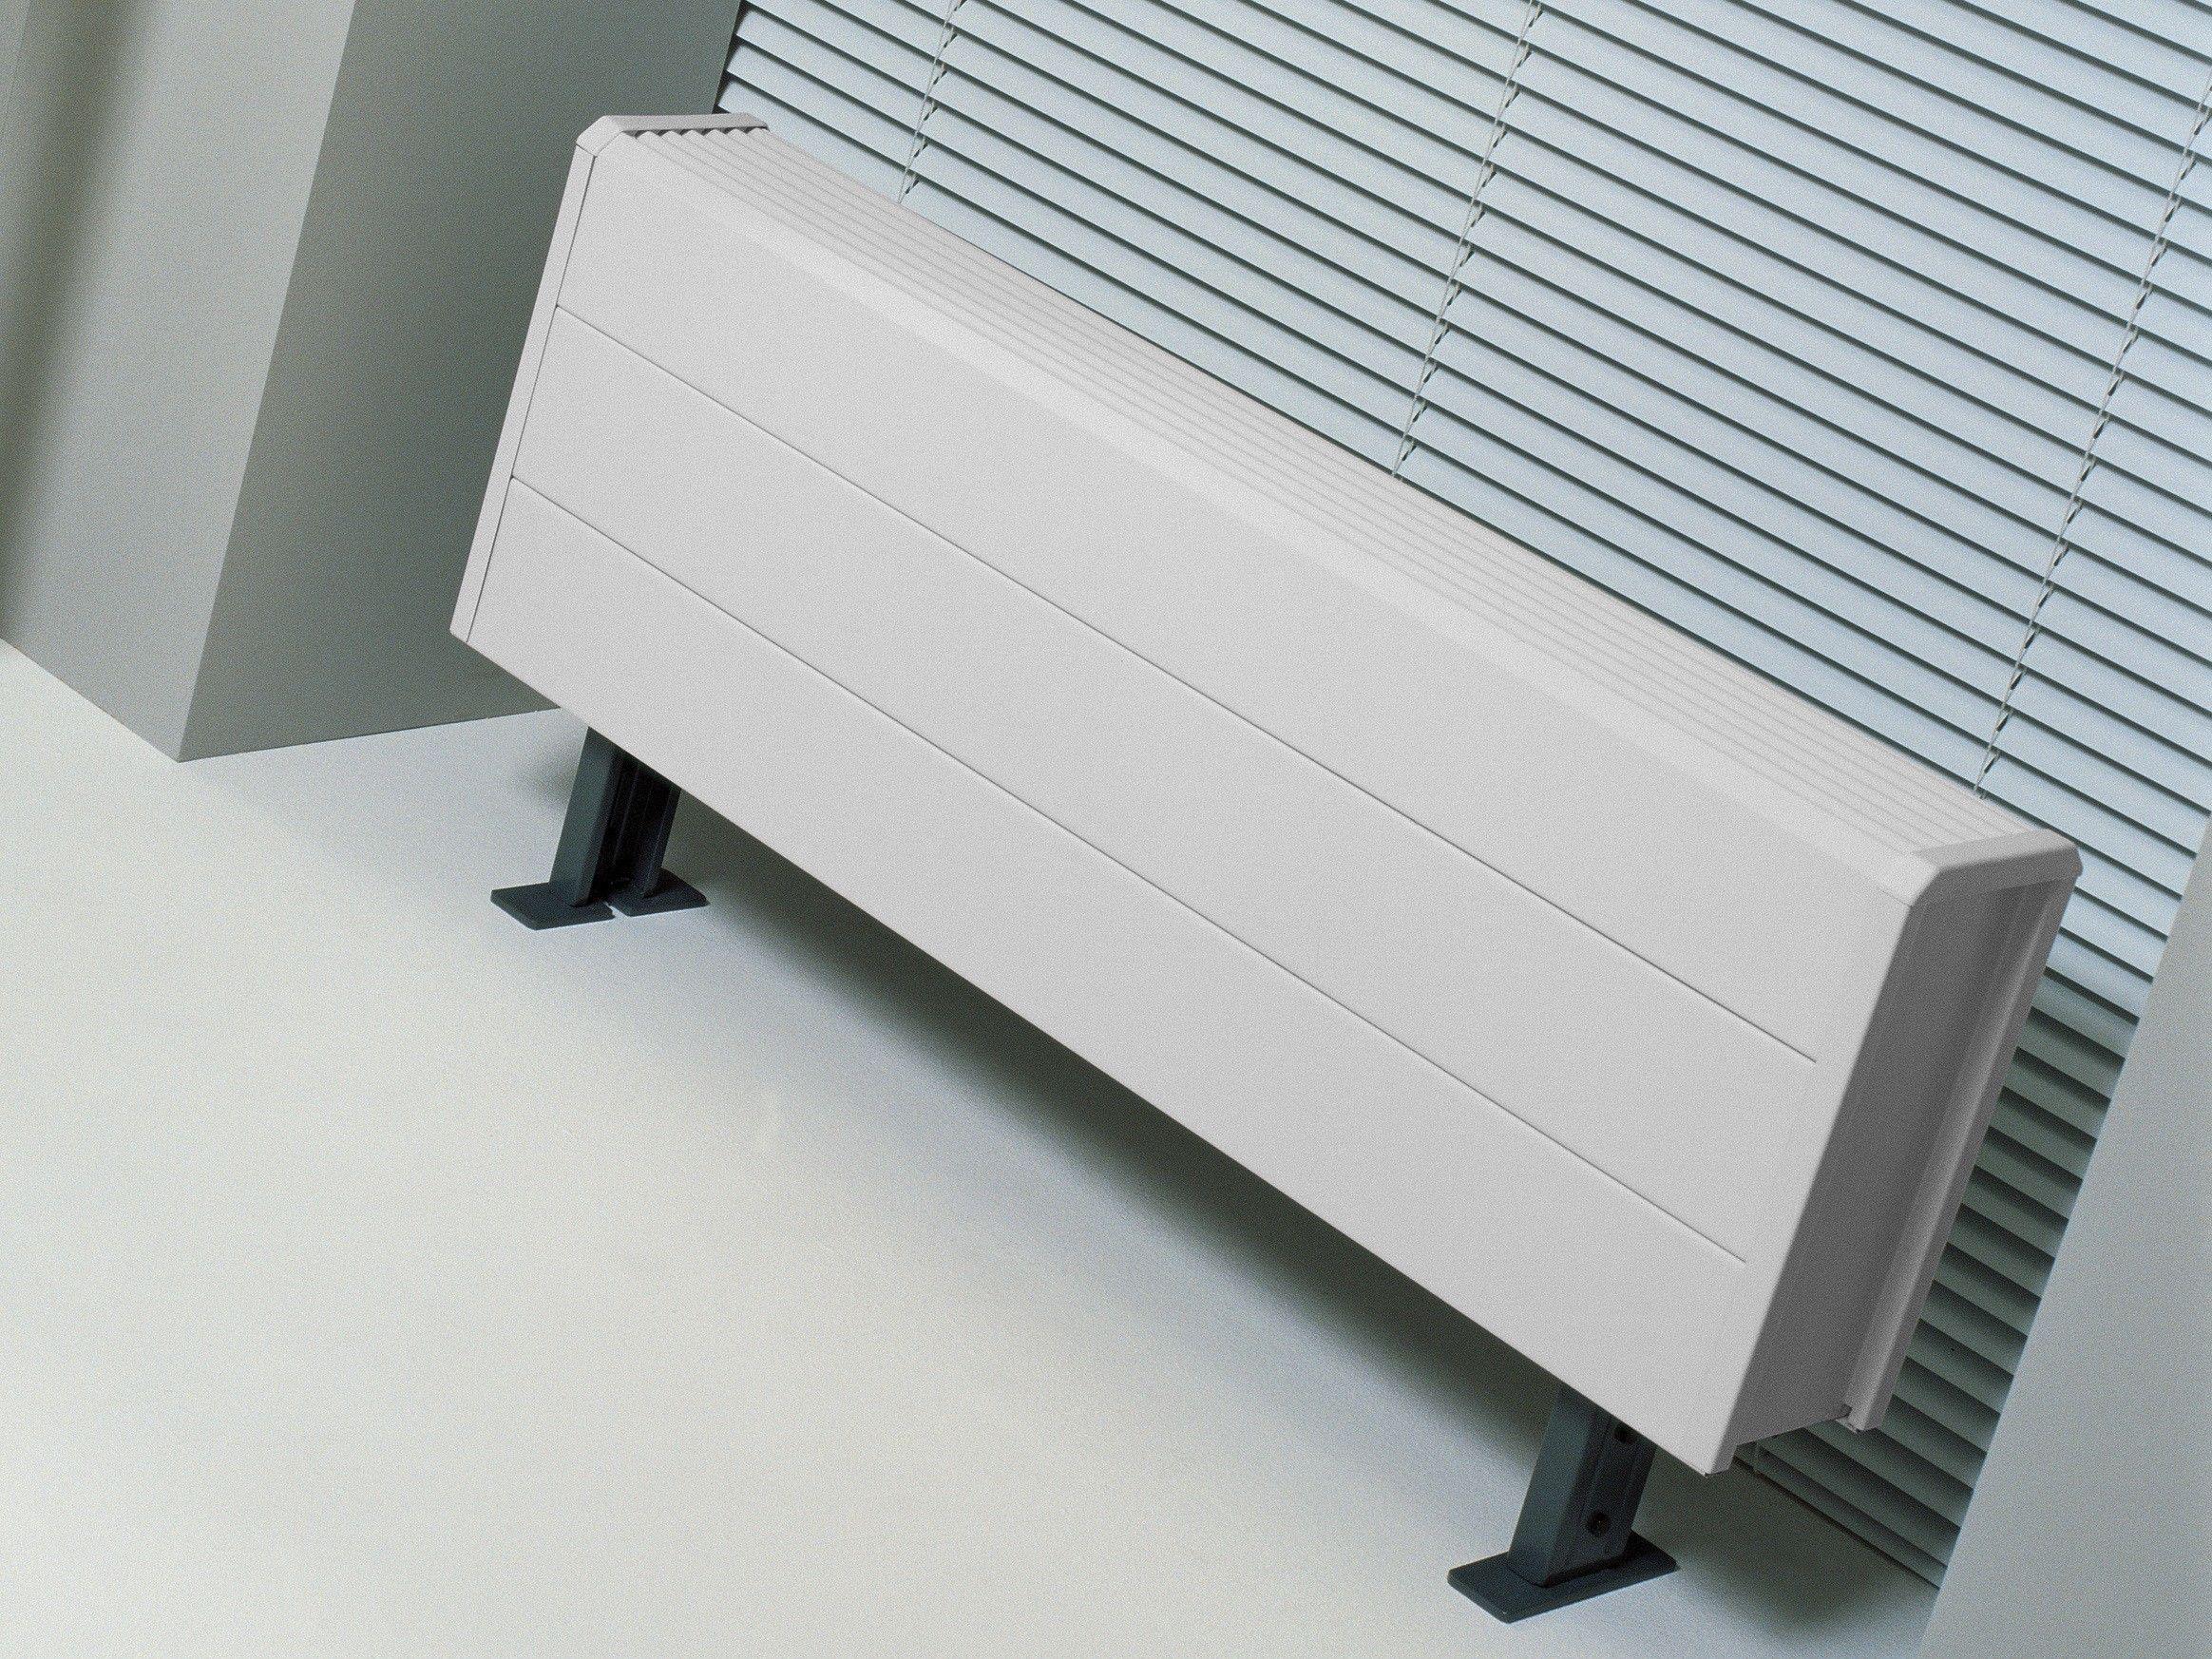 standheizk rper 30 x 18 x ab 40 cm ab 592 watt watte heizung und g nstig. Black Bedroom Furniture Sets. Home Design Ideas